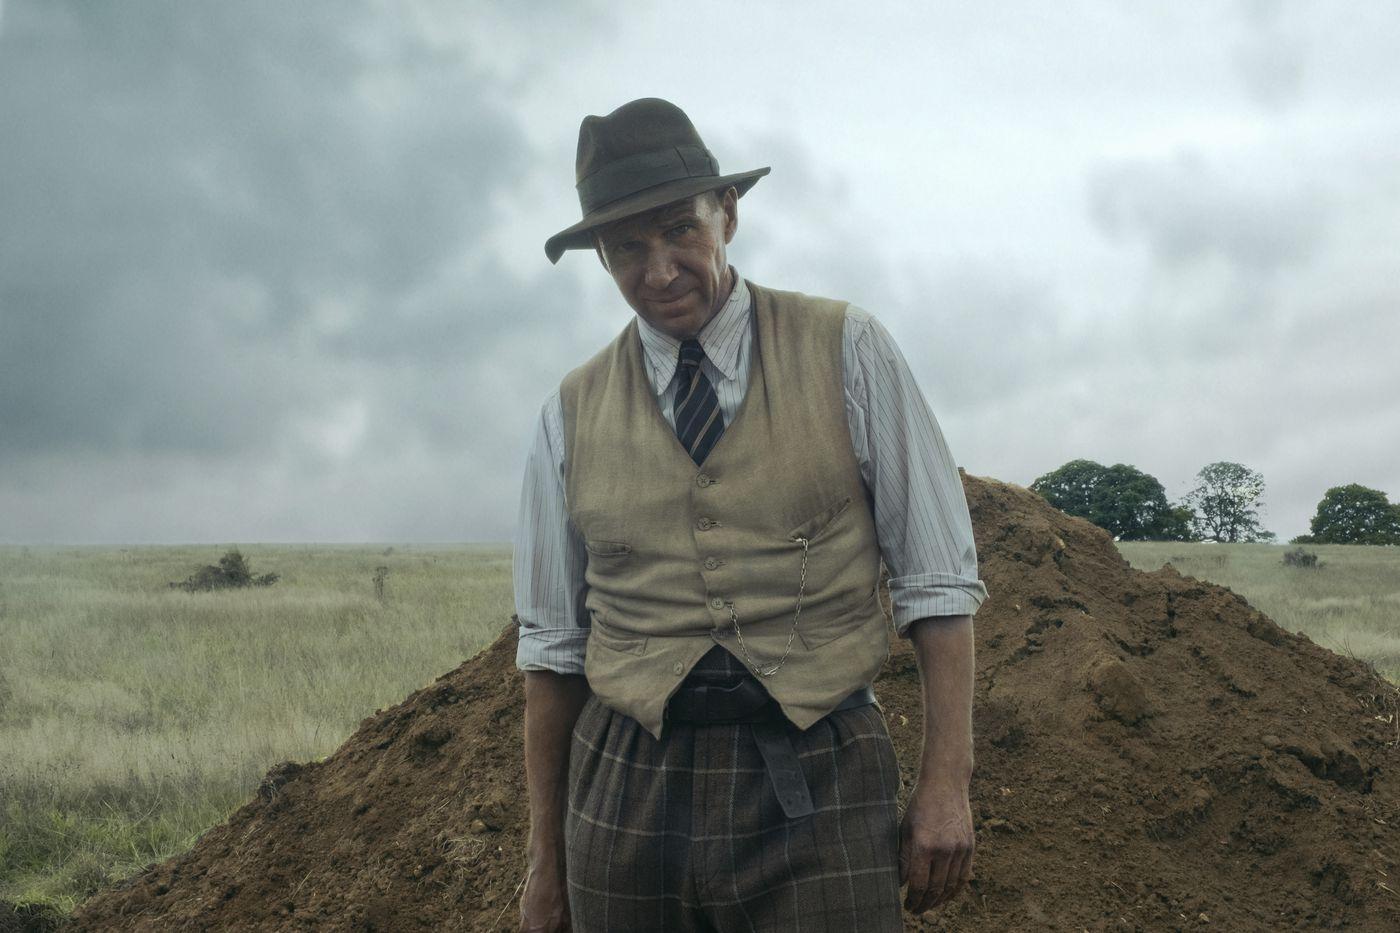 «Раскопки» — скромная английская драма с выдающейся игрой Рэйфа Файнса